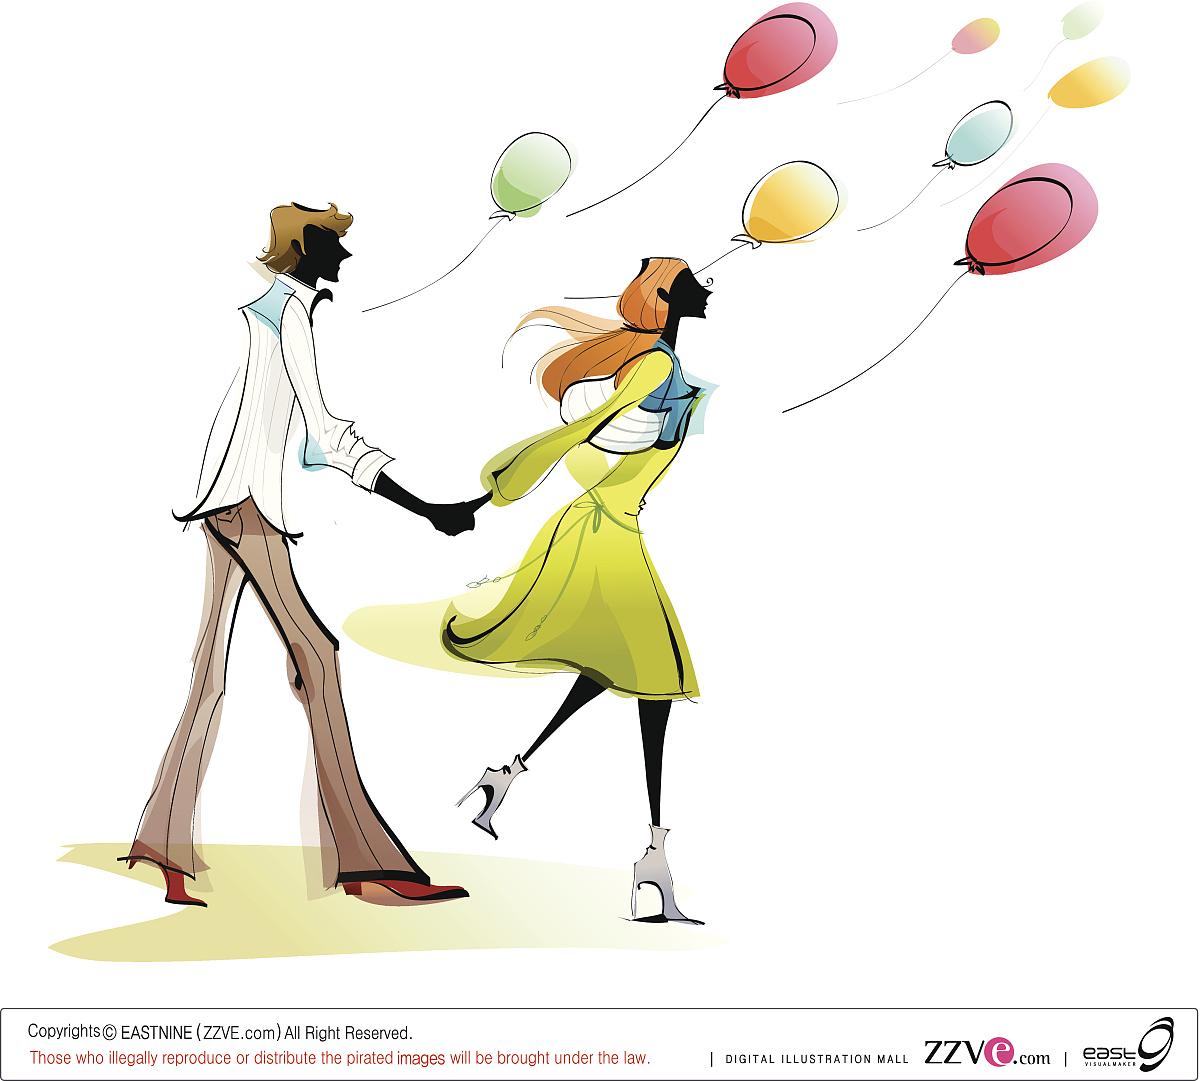 两个人,男性,男人,女性,女人,休闲活动,矢量,头发长度,伴侣,女朋友,男图片